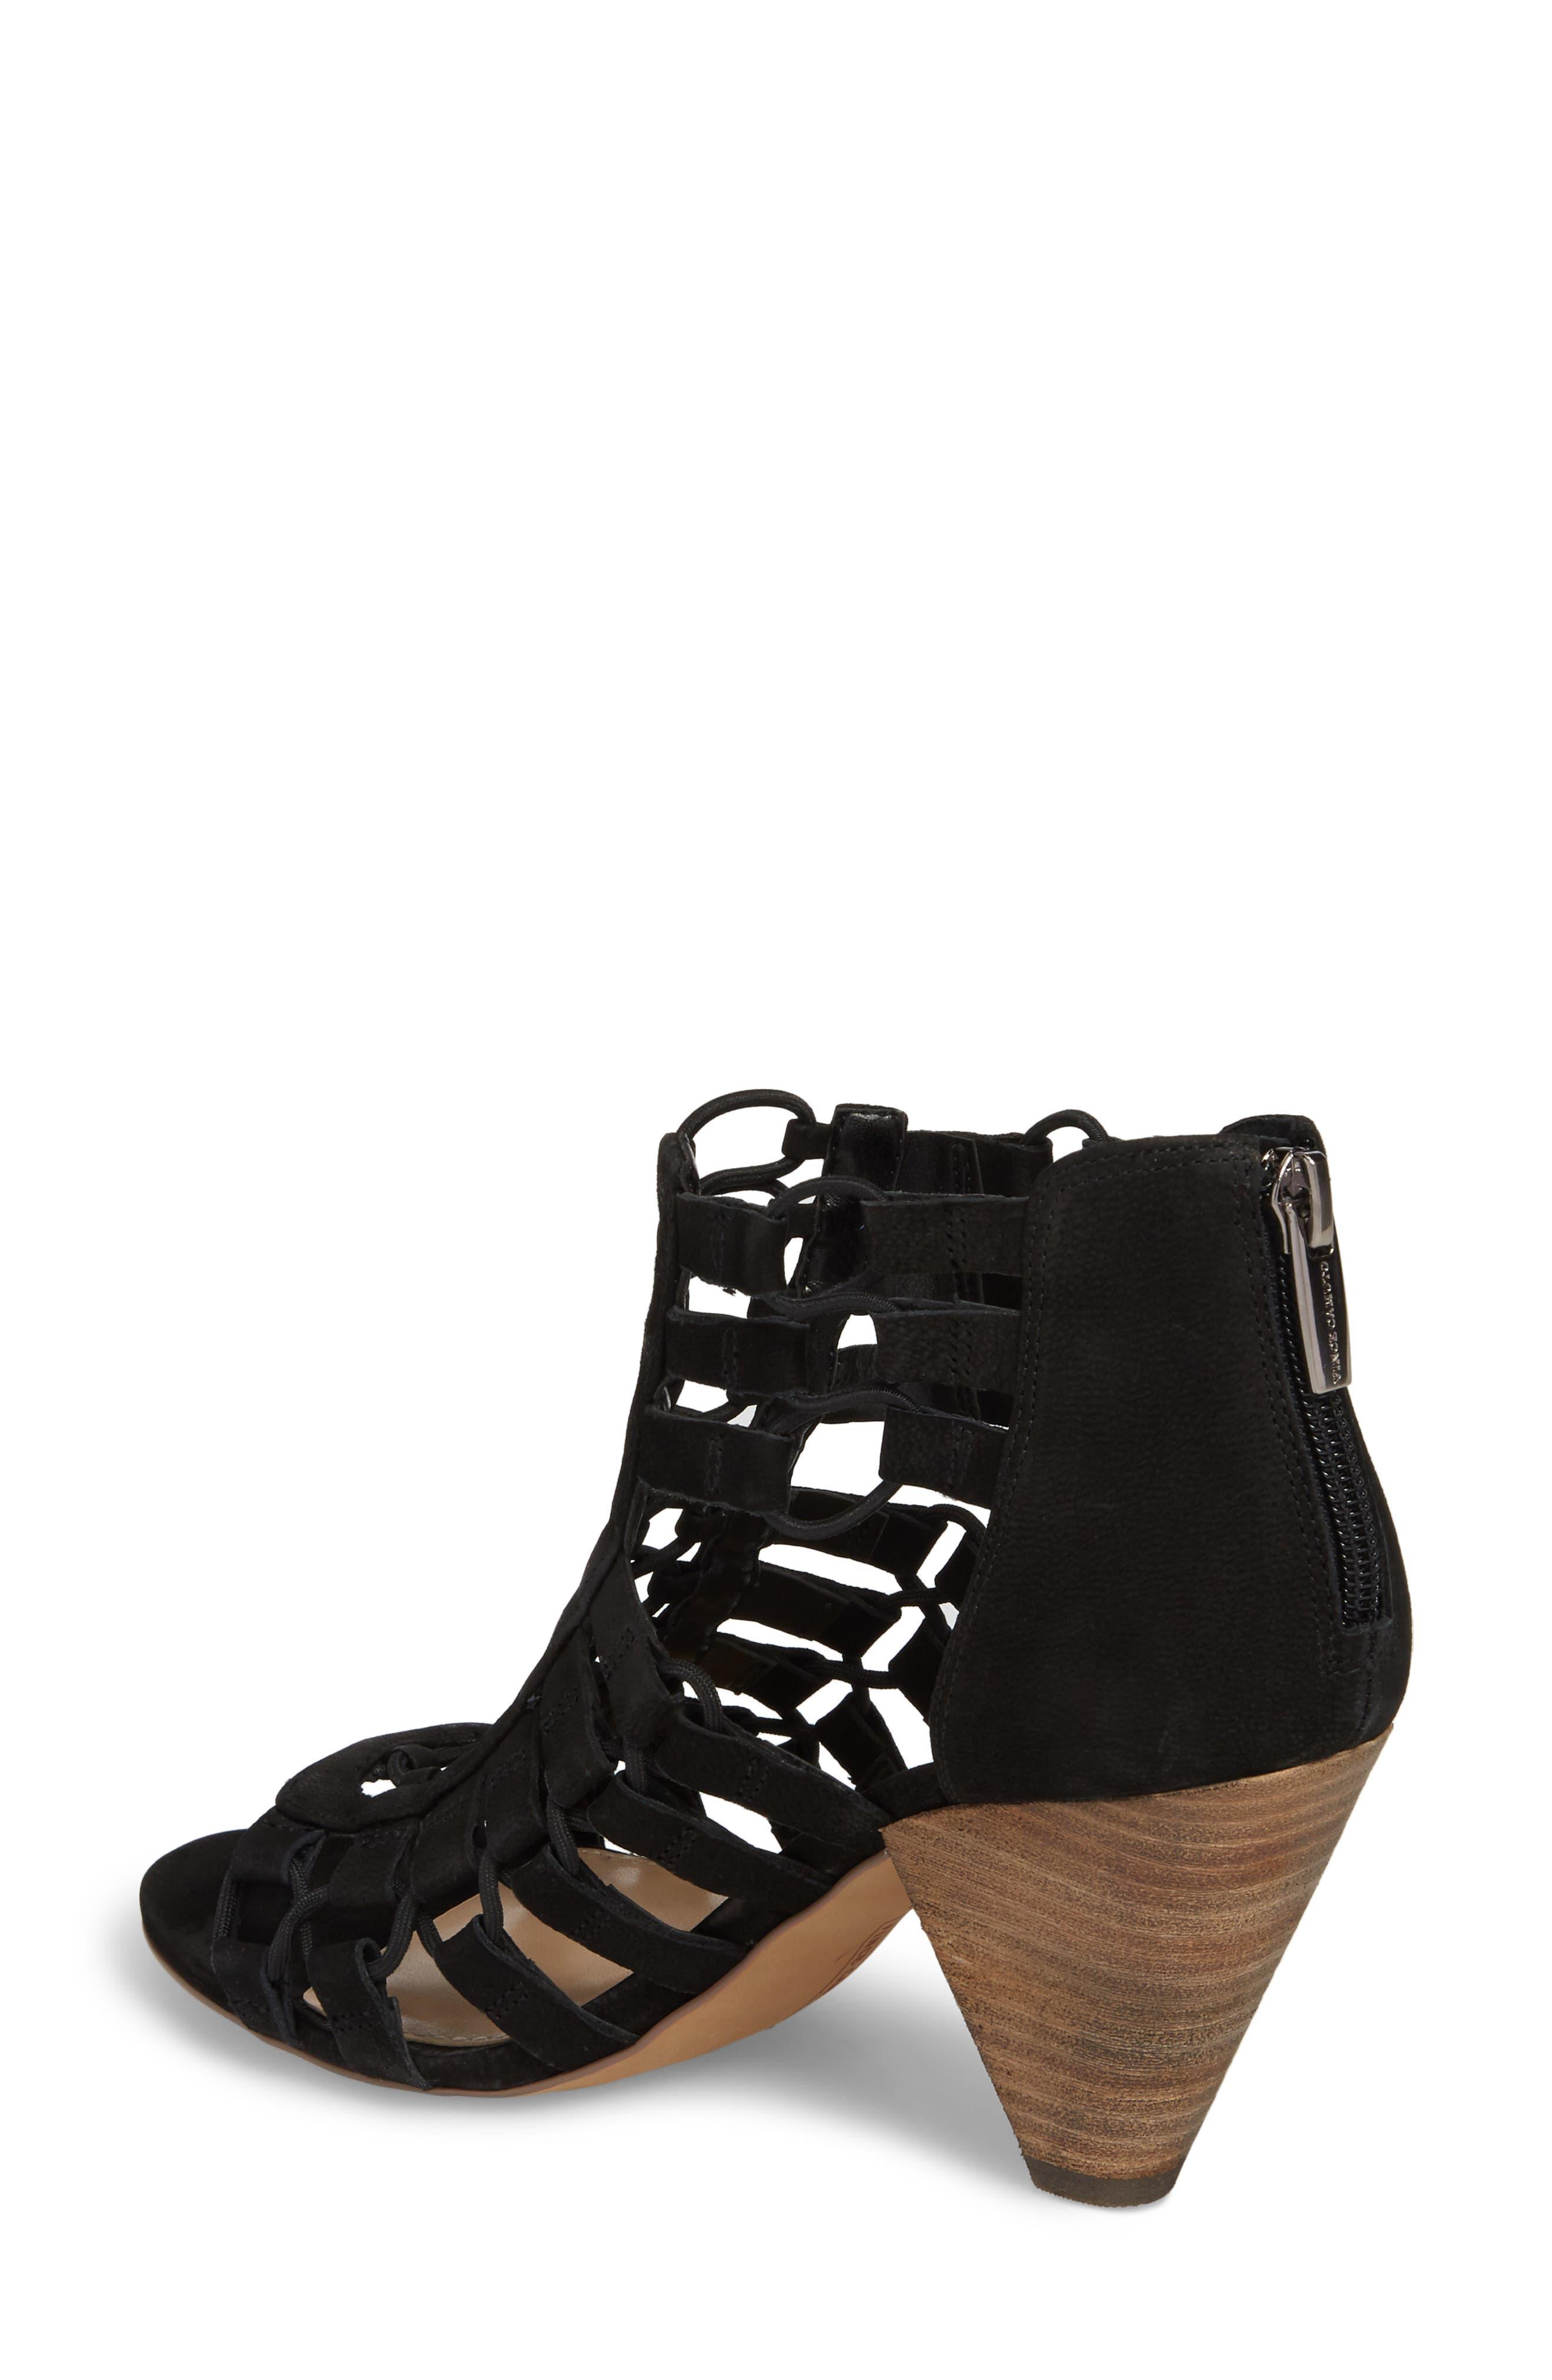 Elanso Sandal,                             Alternate thumbnail 2, color,                             Black Leather